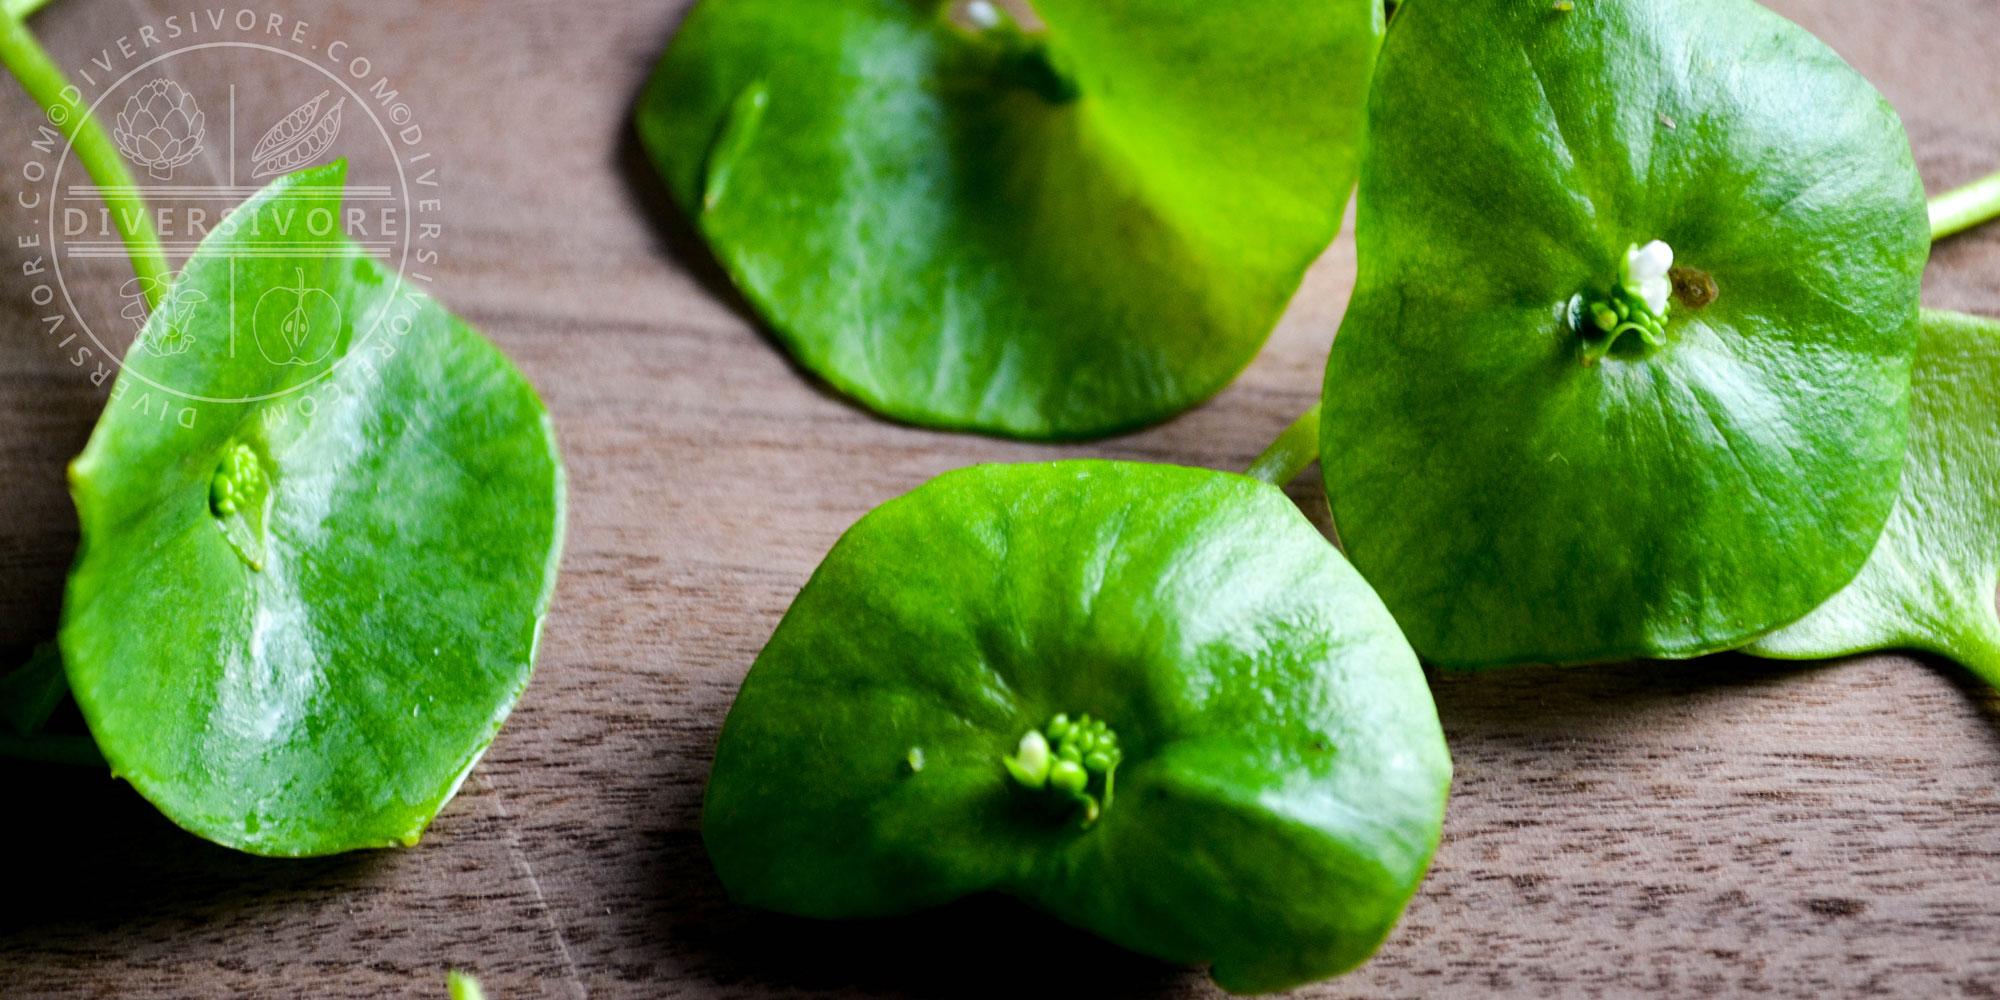 Miner's Lettuce (Claytonia perfoliata) cauline leaves and flowers - Diversivore.com